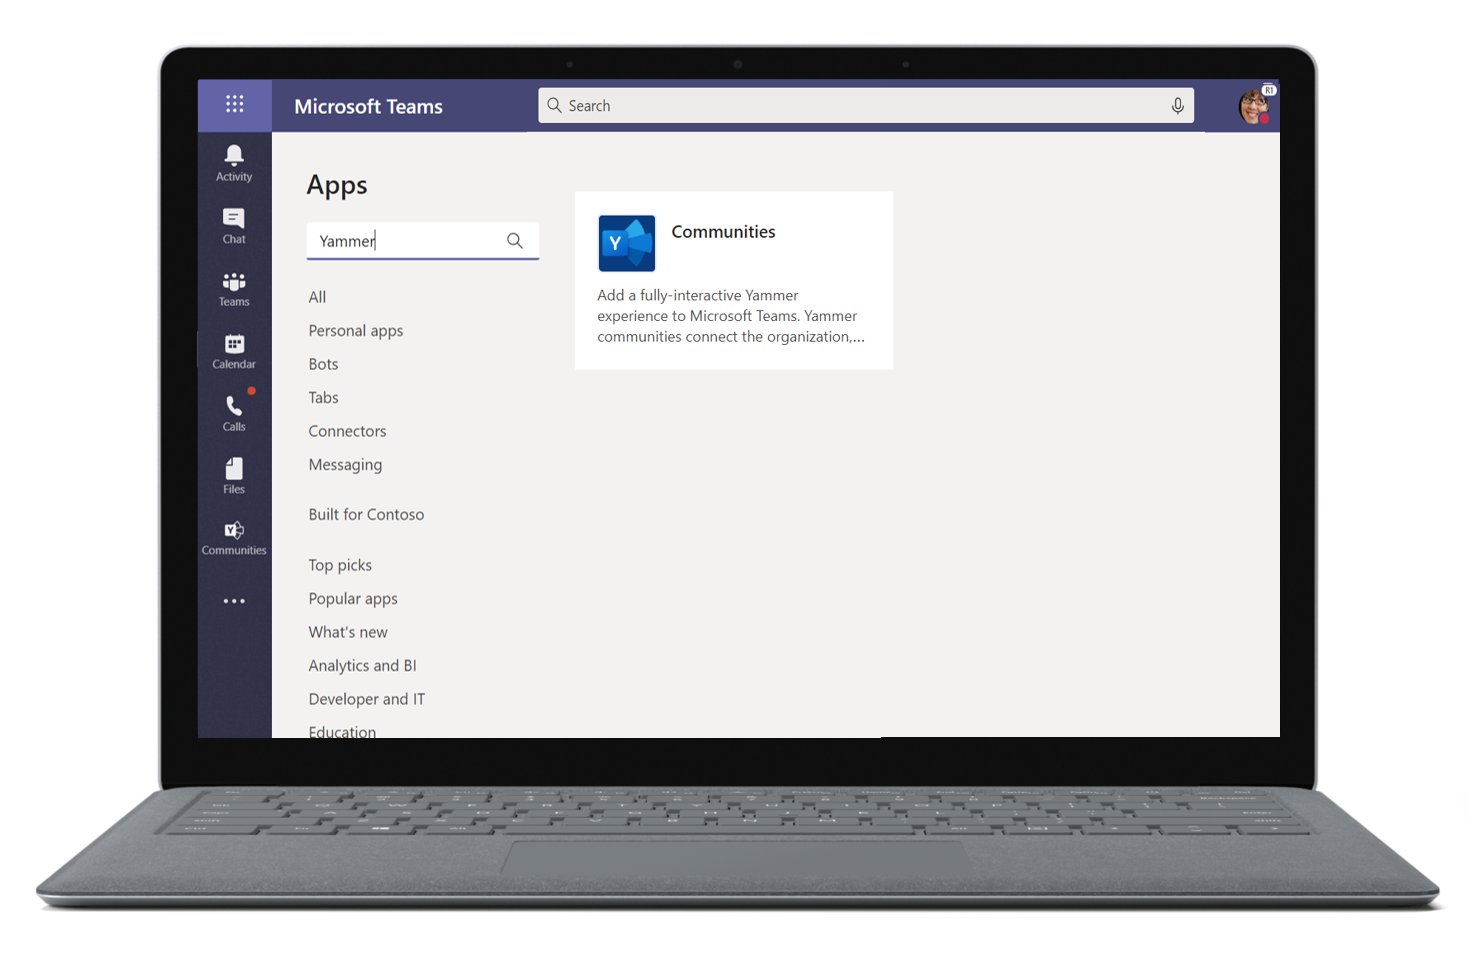 Immagine dell'app Yammer cercata in Microsoft Teams.